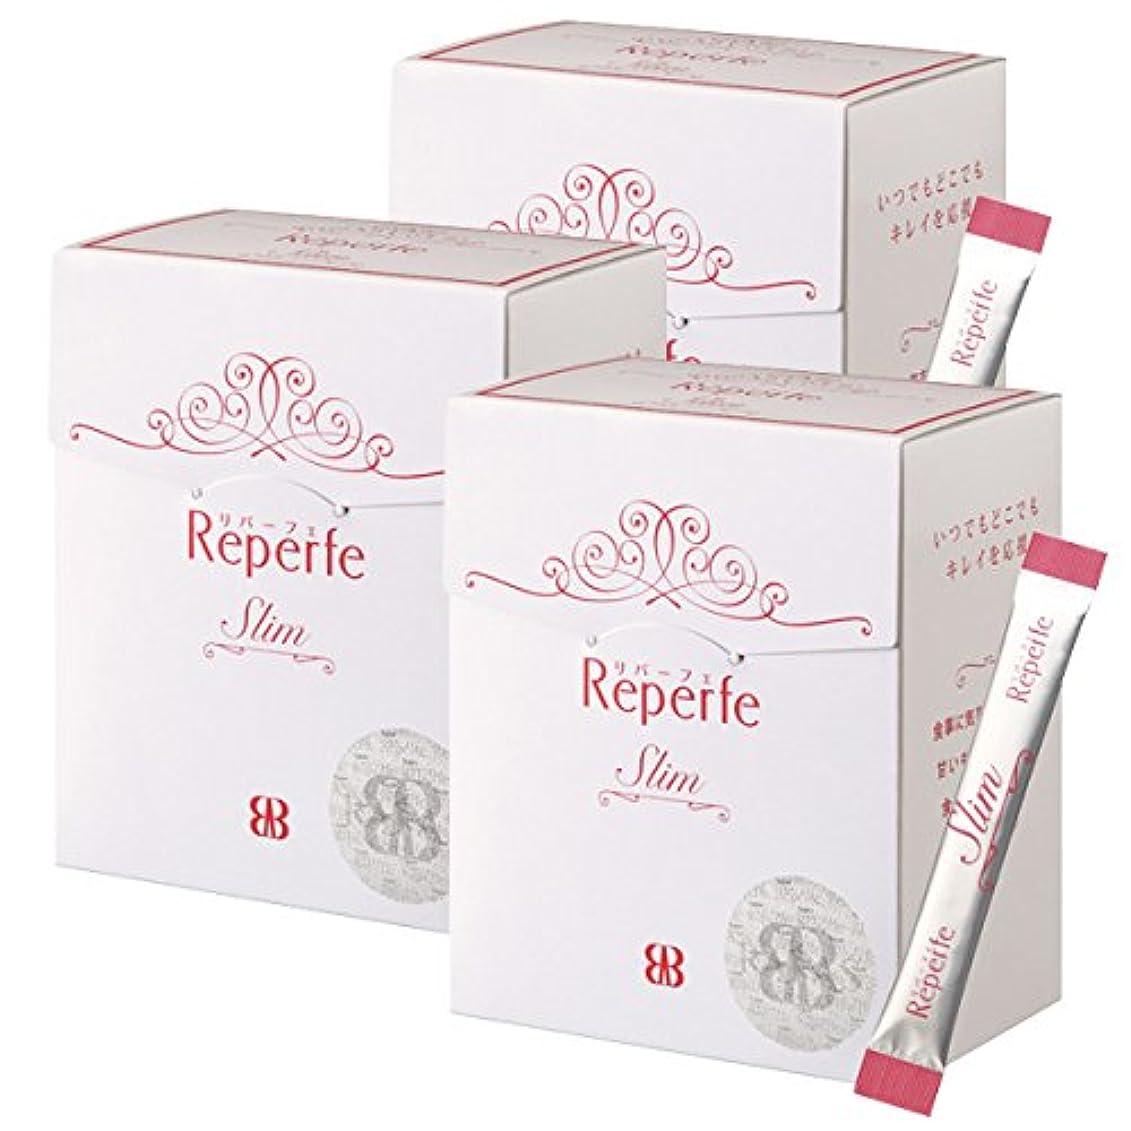 腸内洗浄で整え、環境をリセットするダイエットサプリメント!リパーフェスリム3箱セット